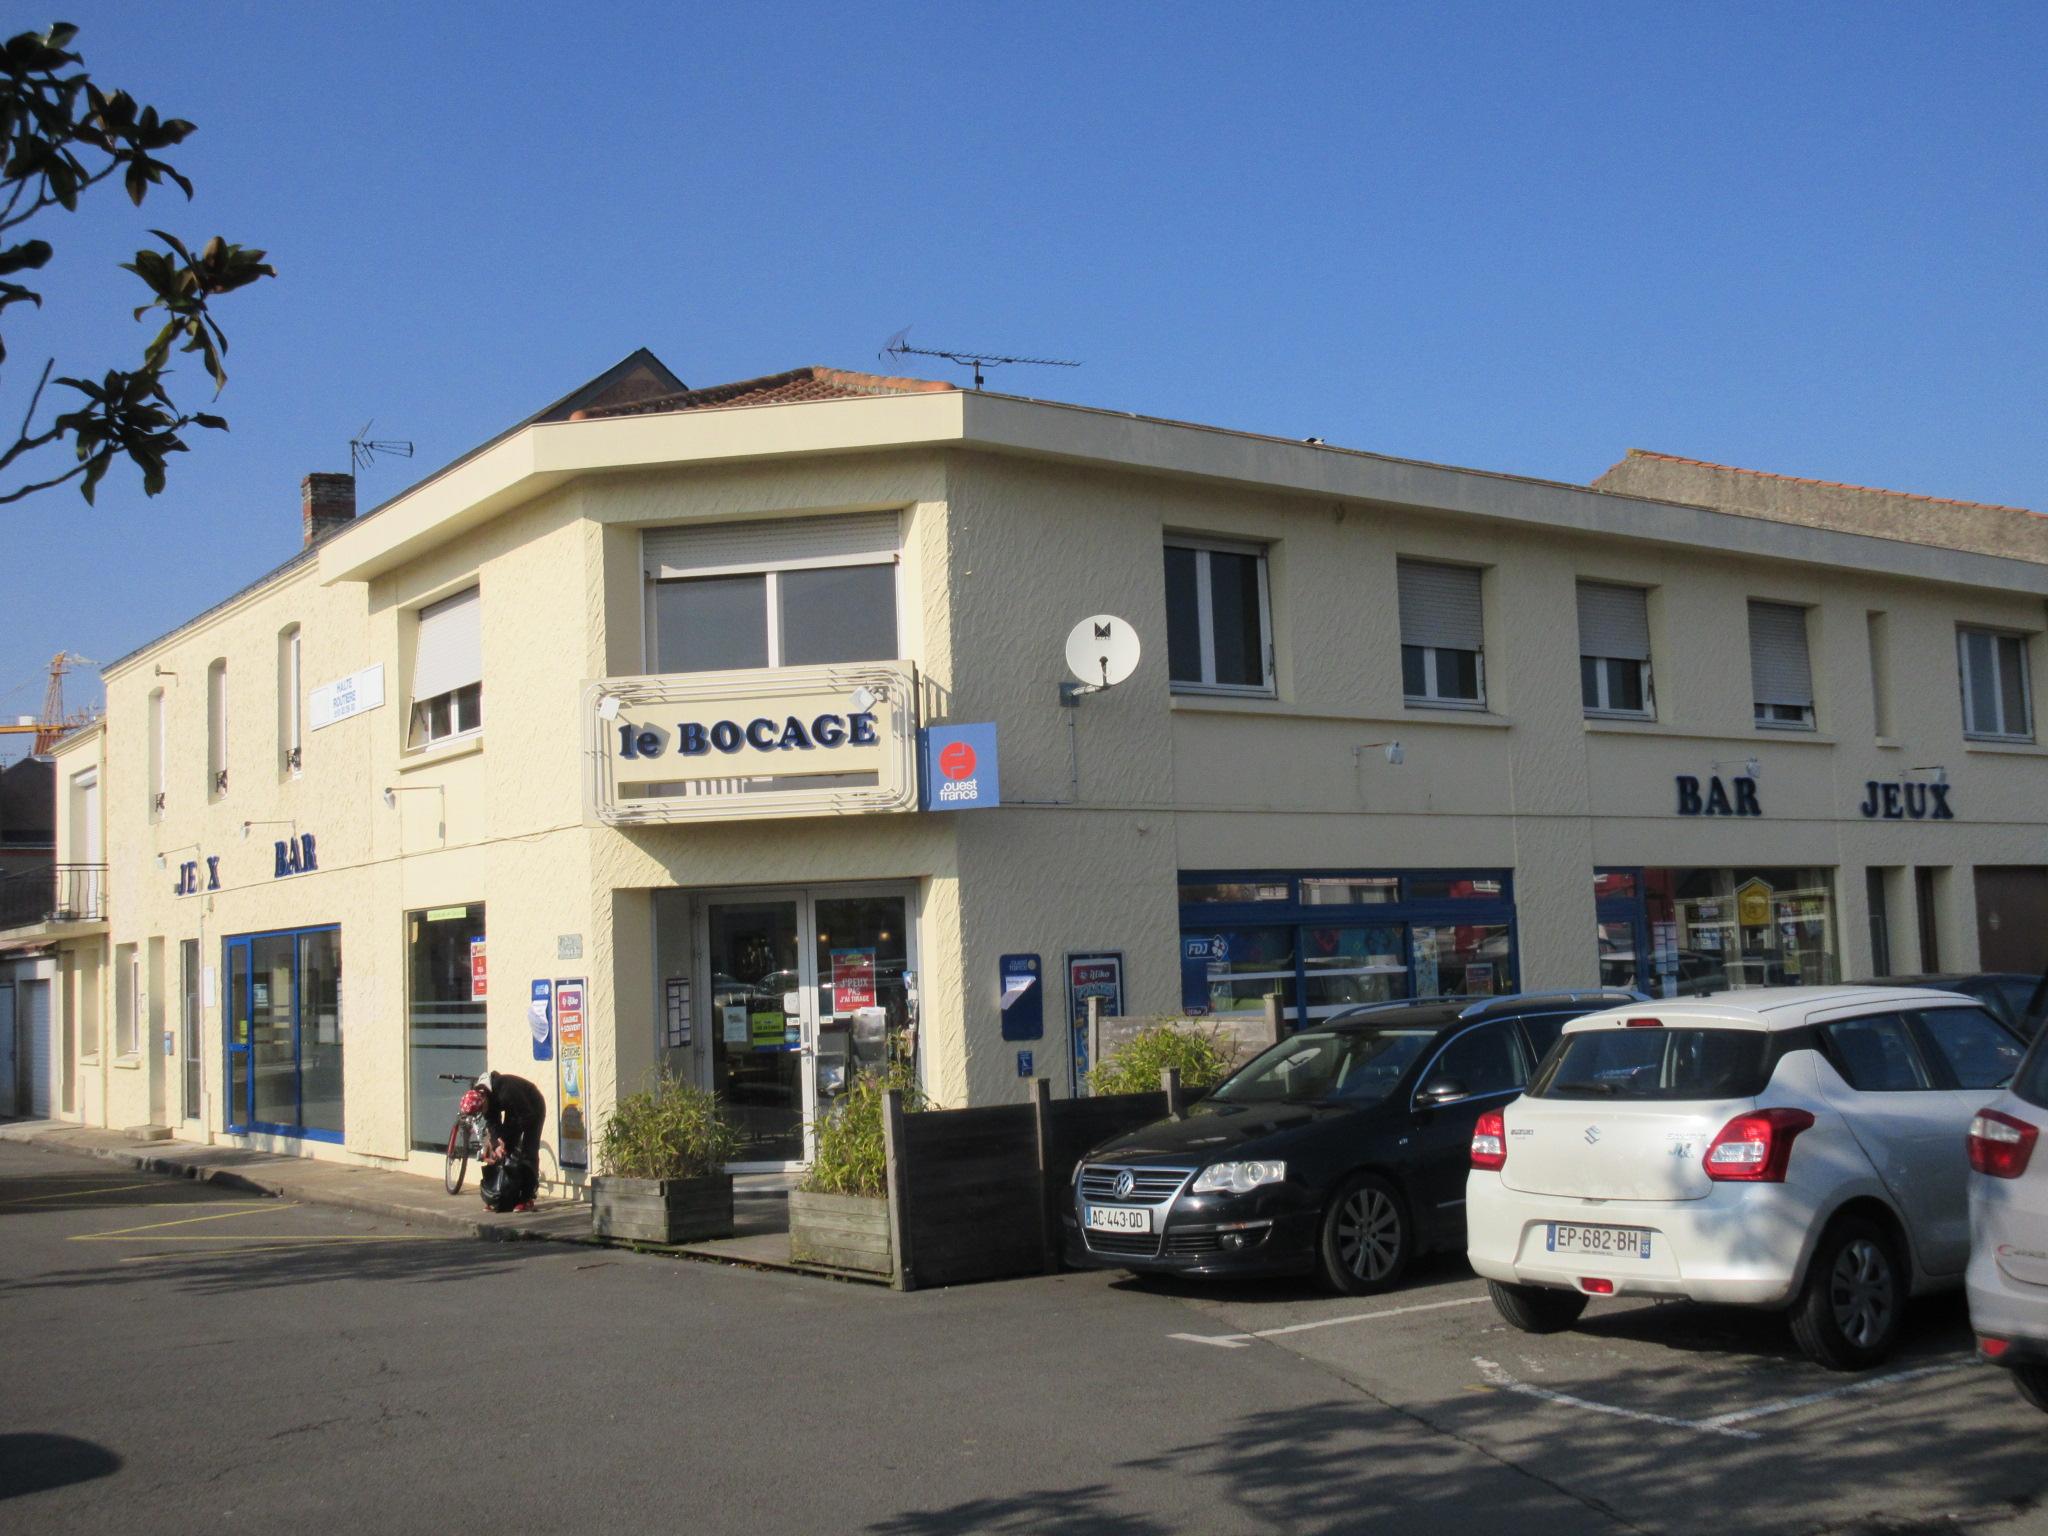 85 Vendée :  BAR JEUX - HORAIRES DE JOUR